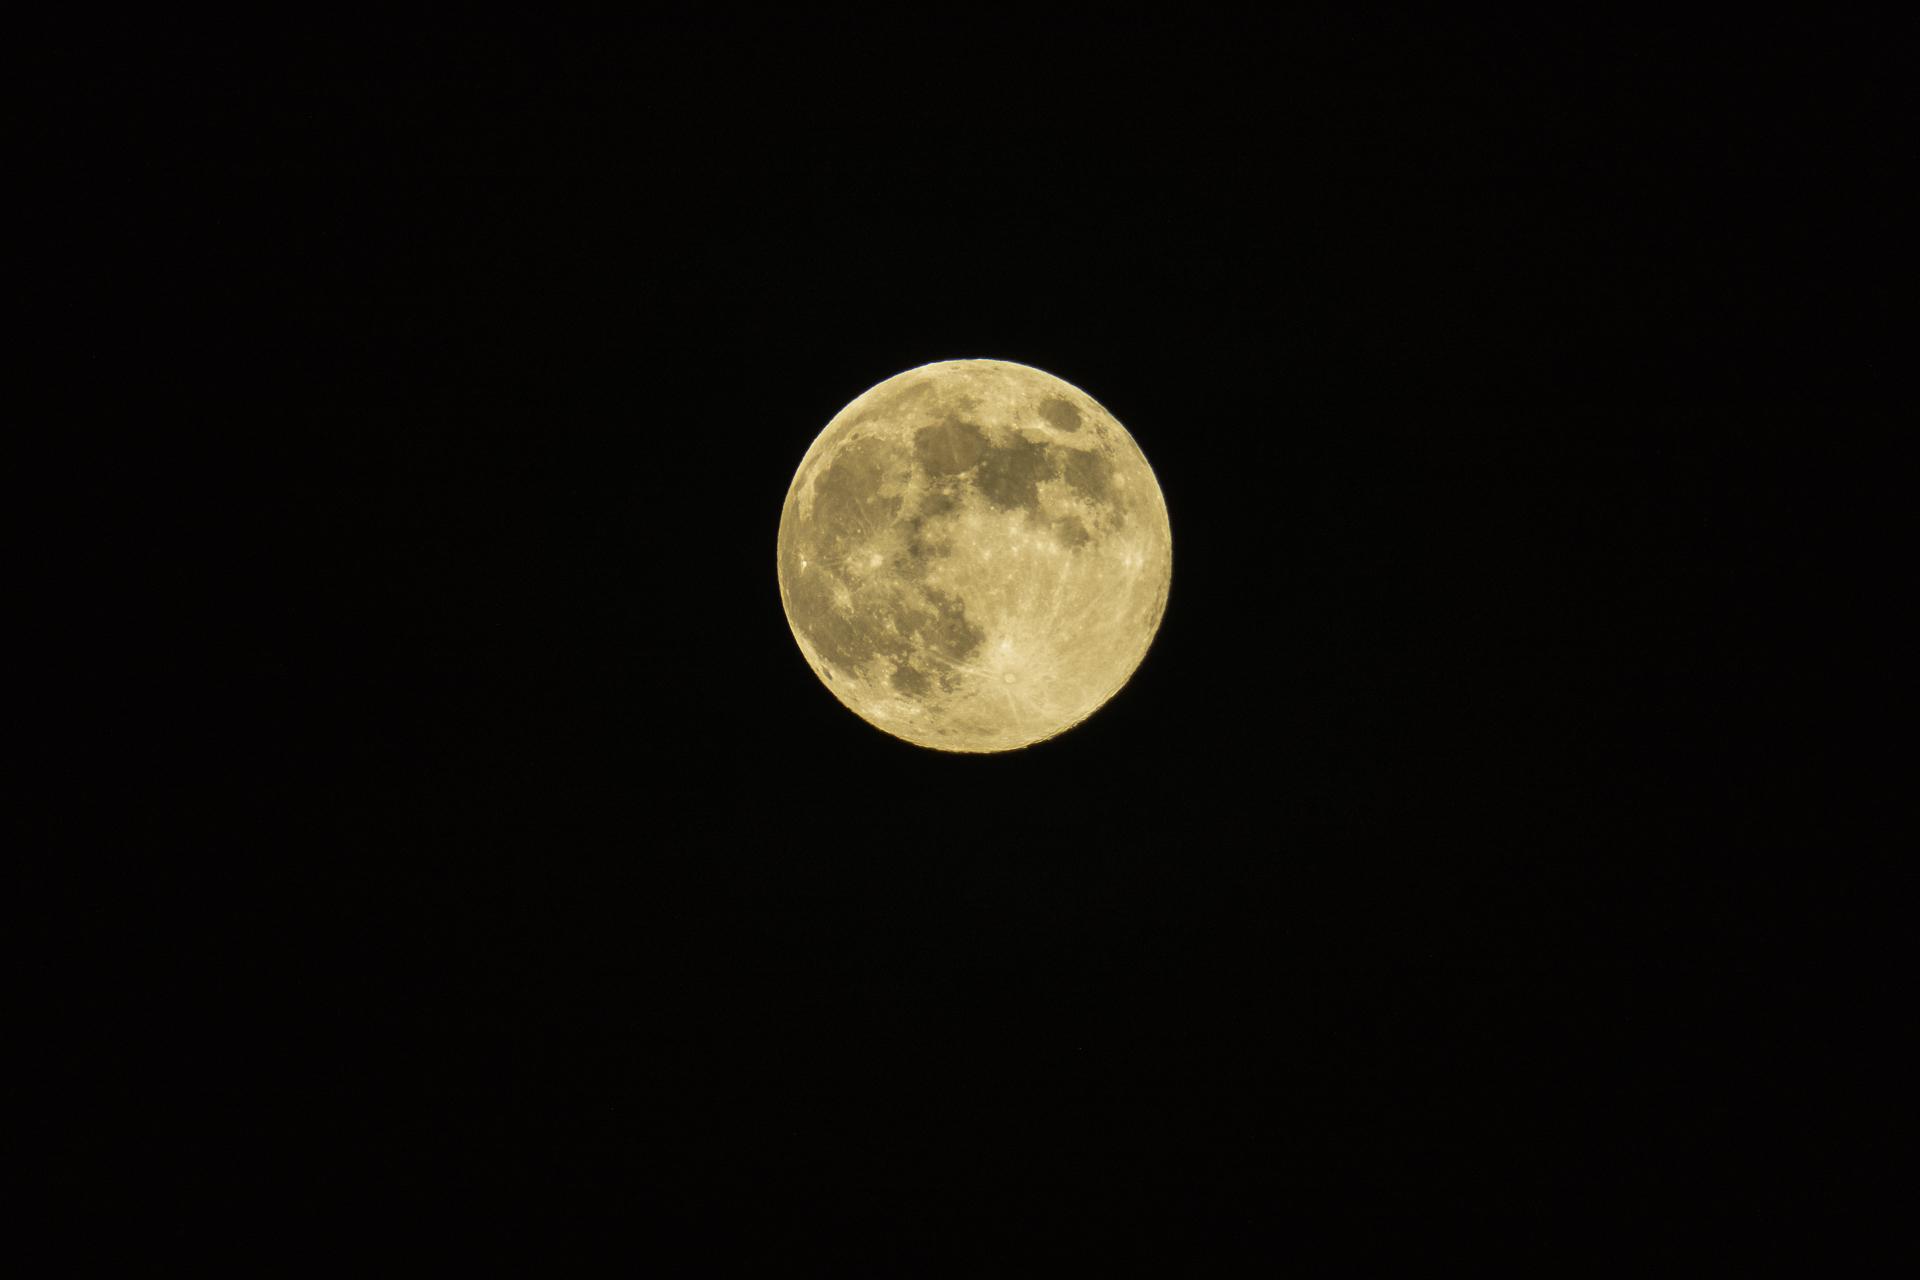 gelb-grau schimmernder Vollmond mit dunkelgrauen Kratern